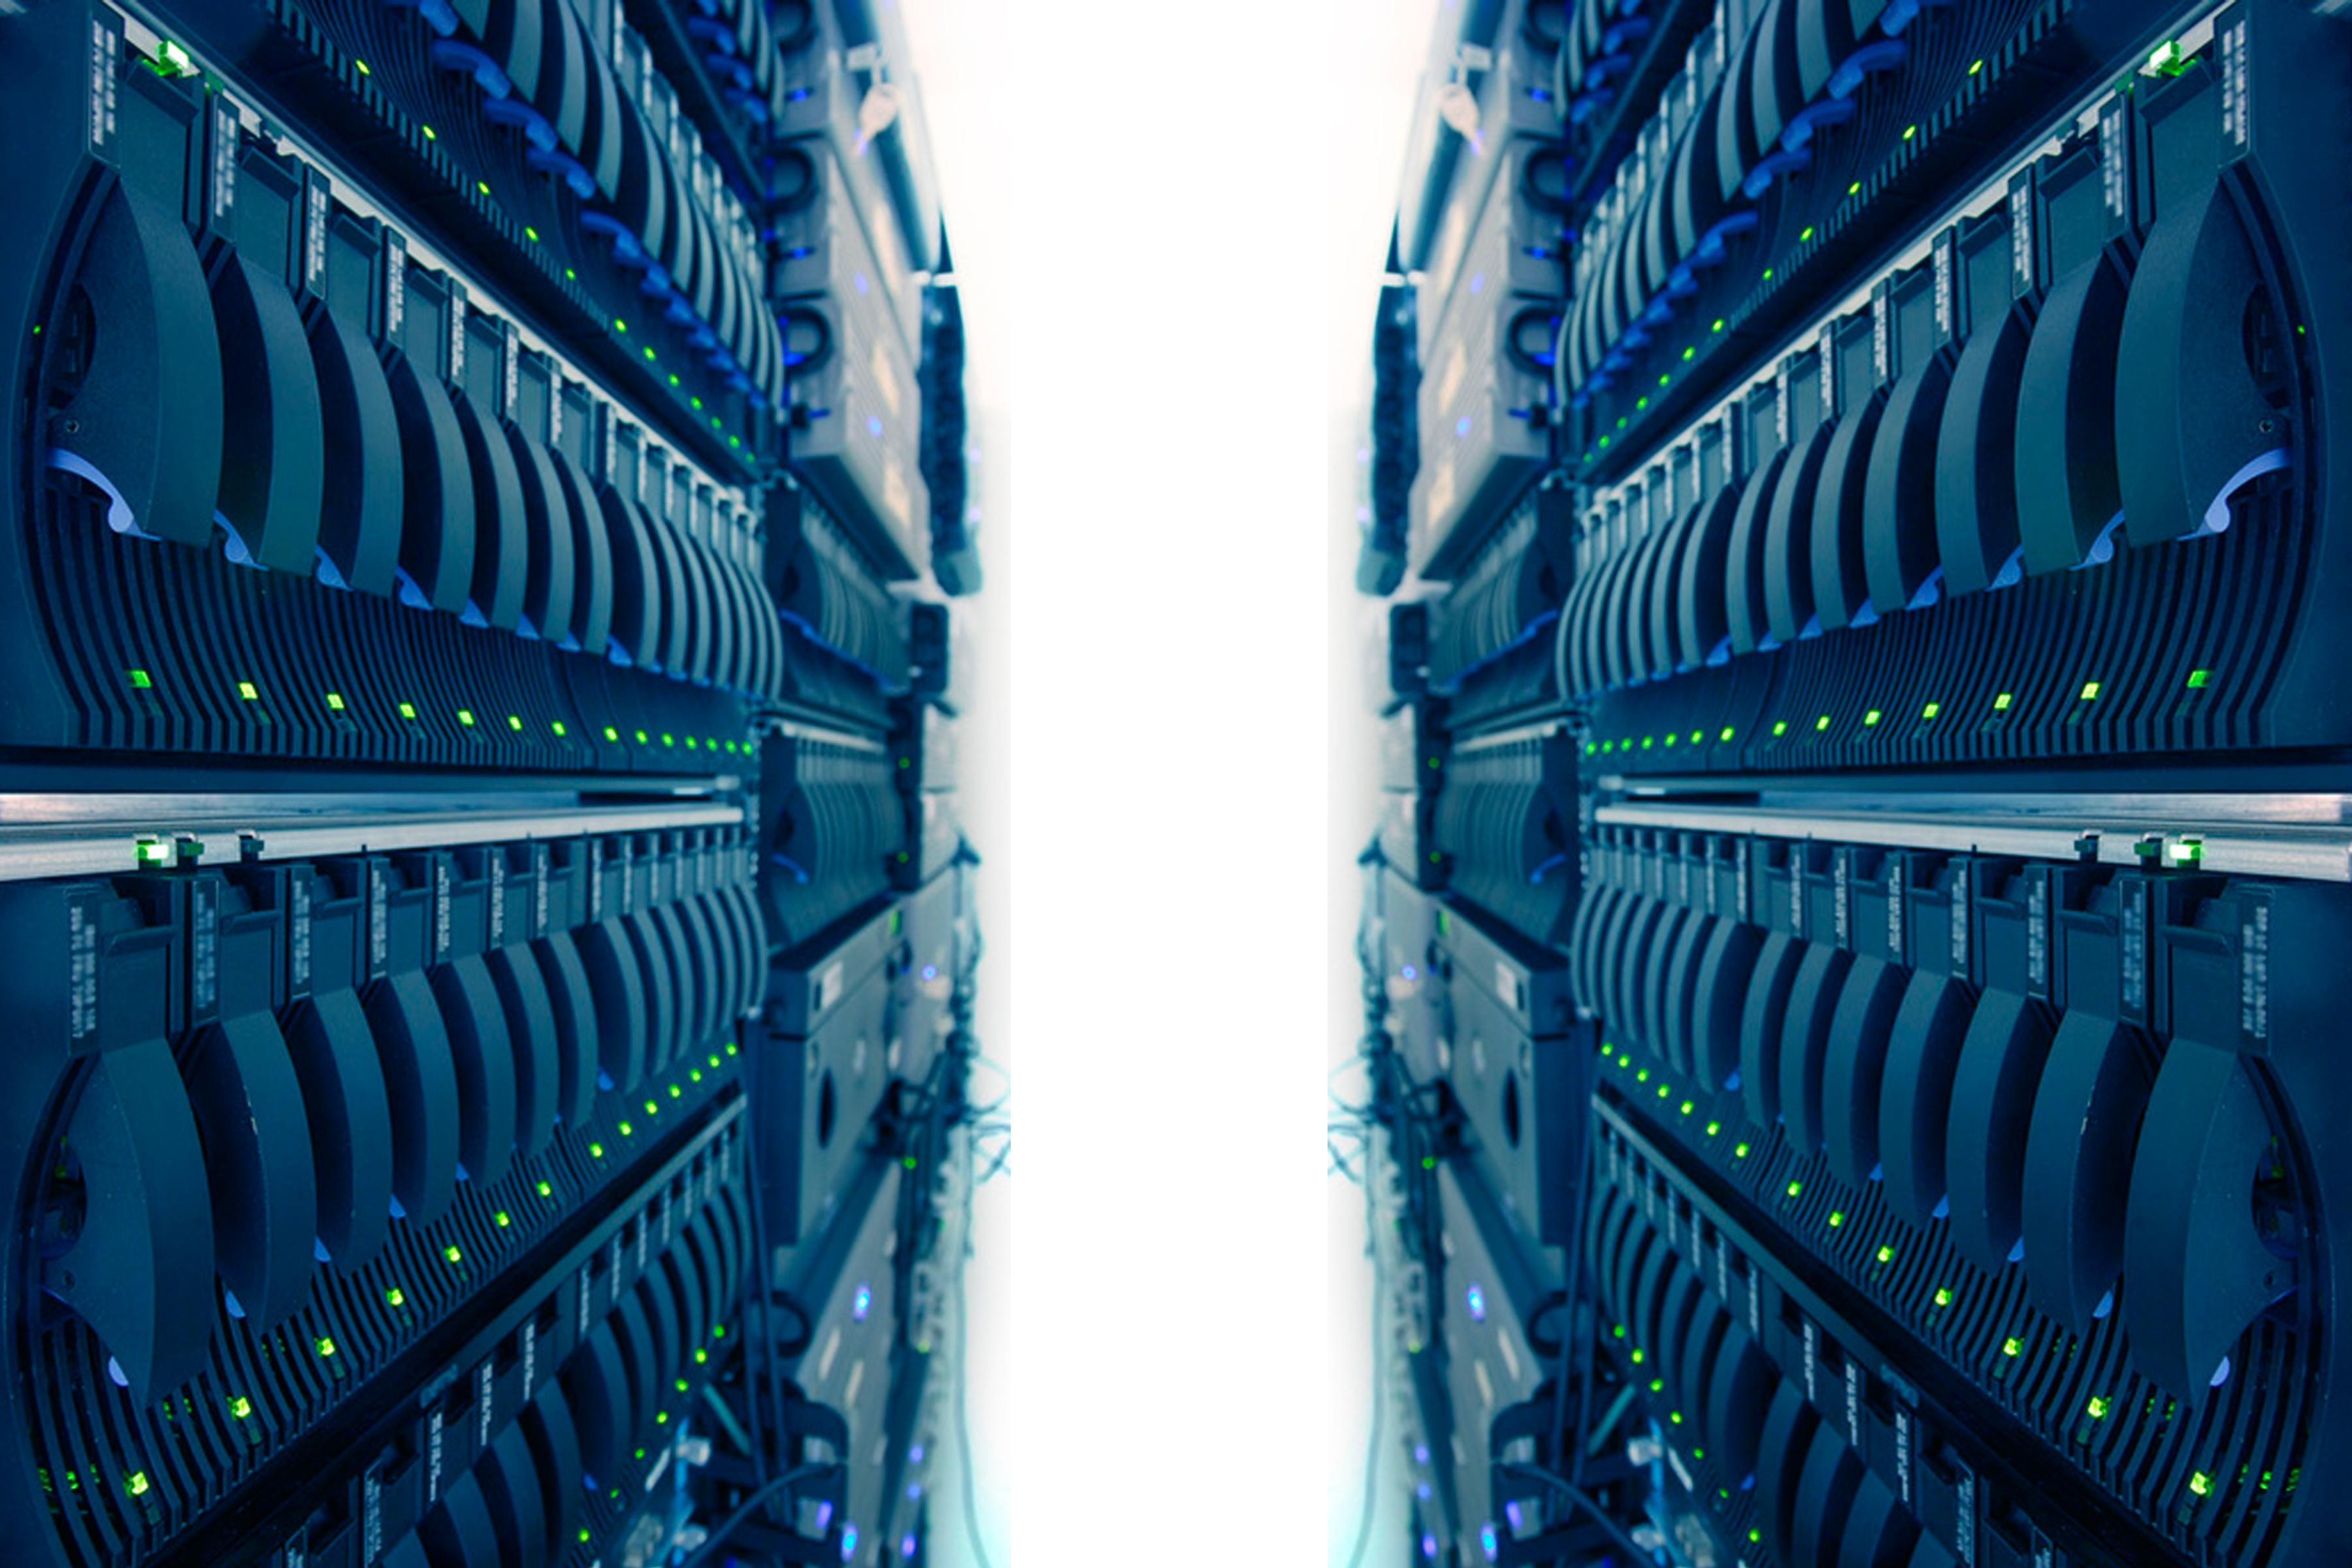 Construir o contratar centros de datos, esa es la cuestión - Featured Image